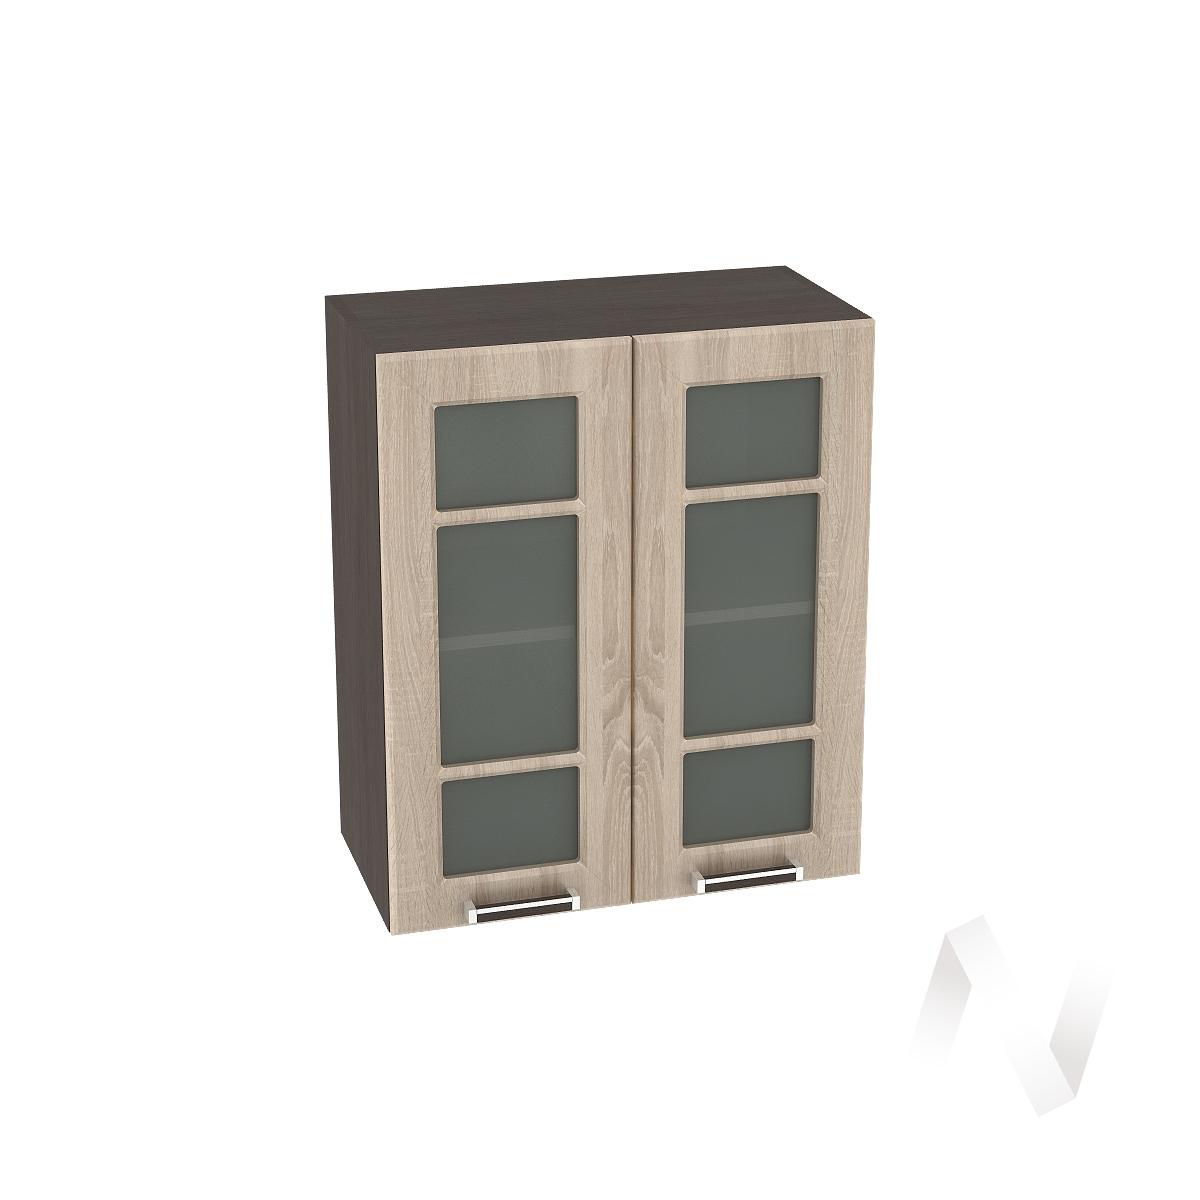 """Кухня """"Прага"""": Шкаф верхний со стеклом 600, ШВС 600 новый (дуб сонома/корпус венге)"""